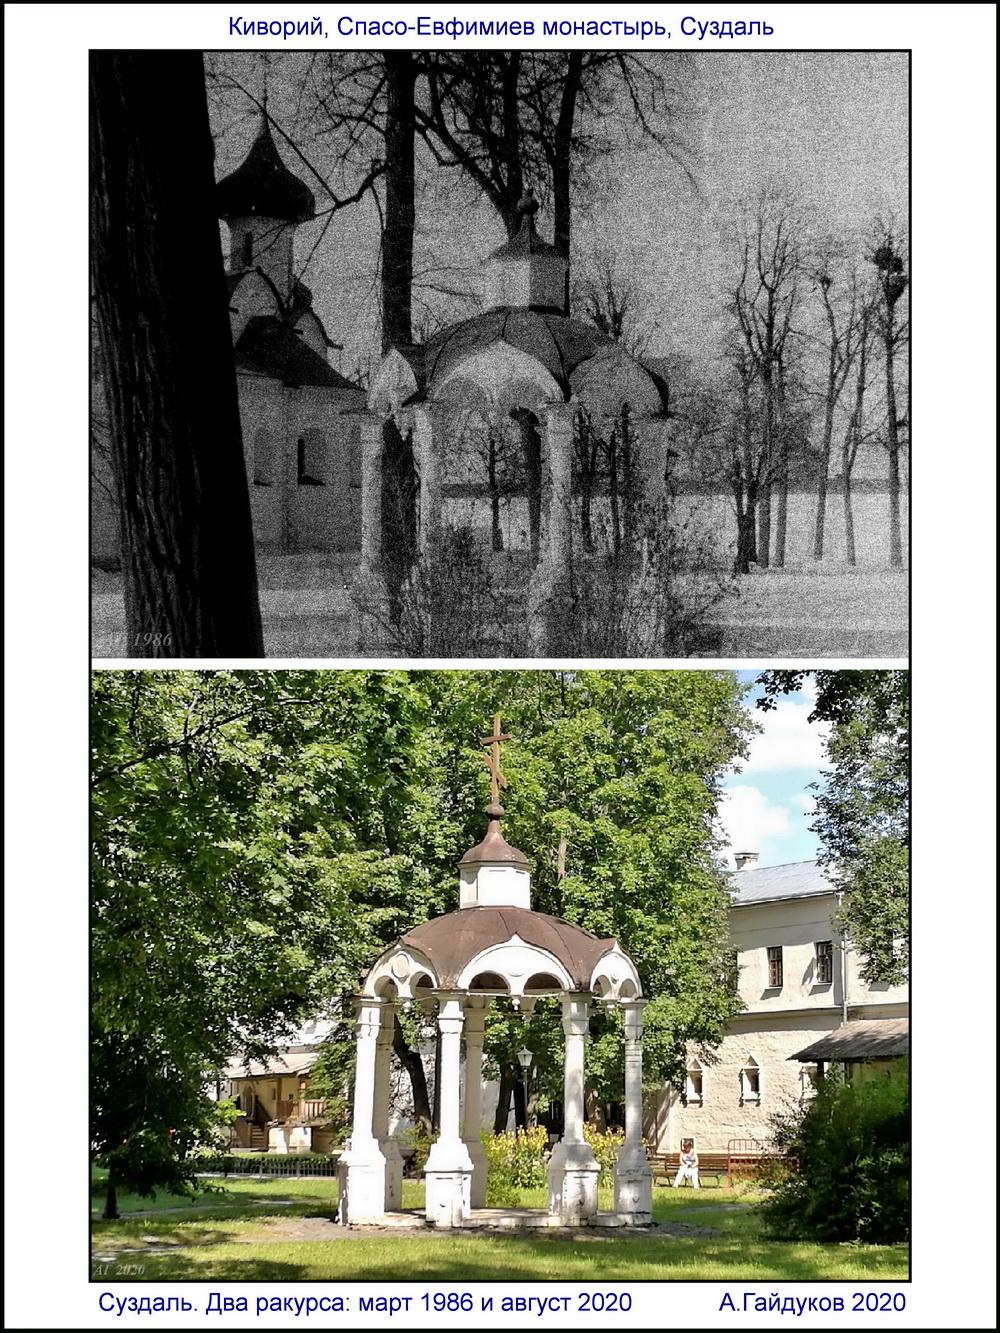 Два взгляда на Суздаль с перерывом в треть века 1986 и 2020  Киворий в Спасо-Евфимиевом монастыре